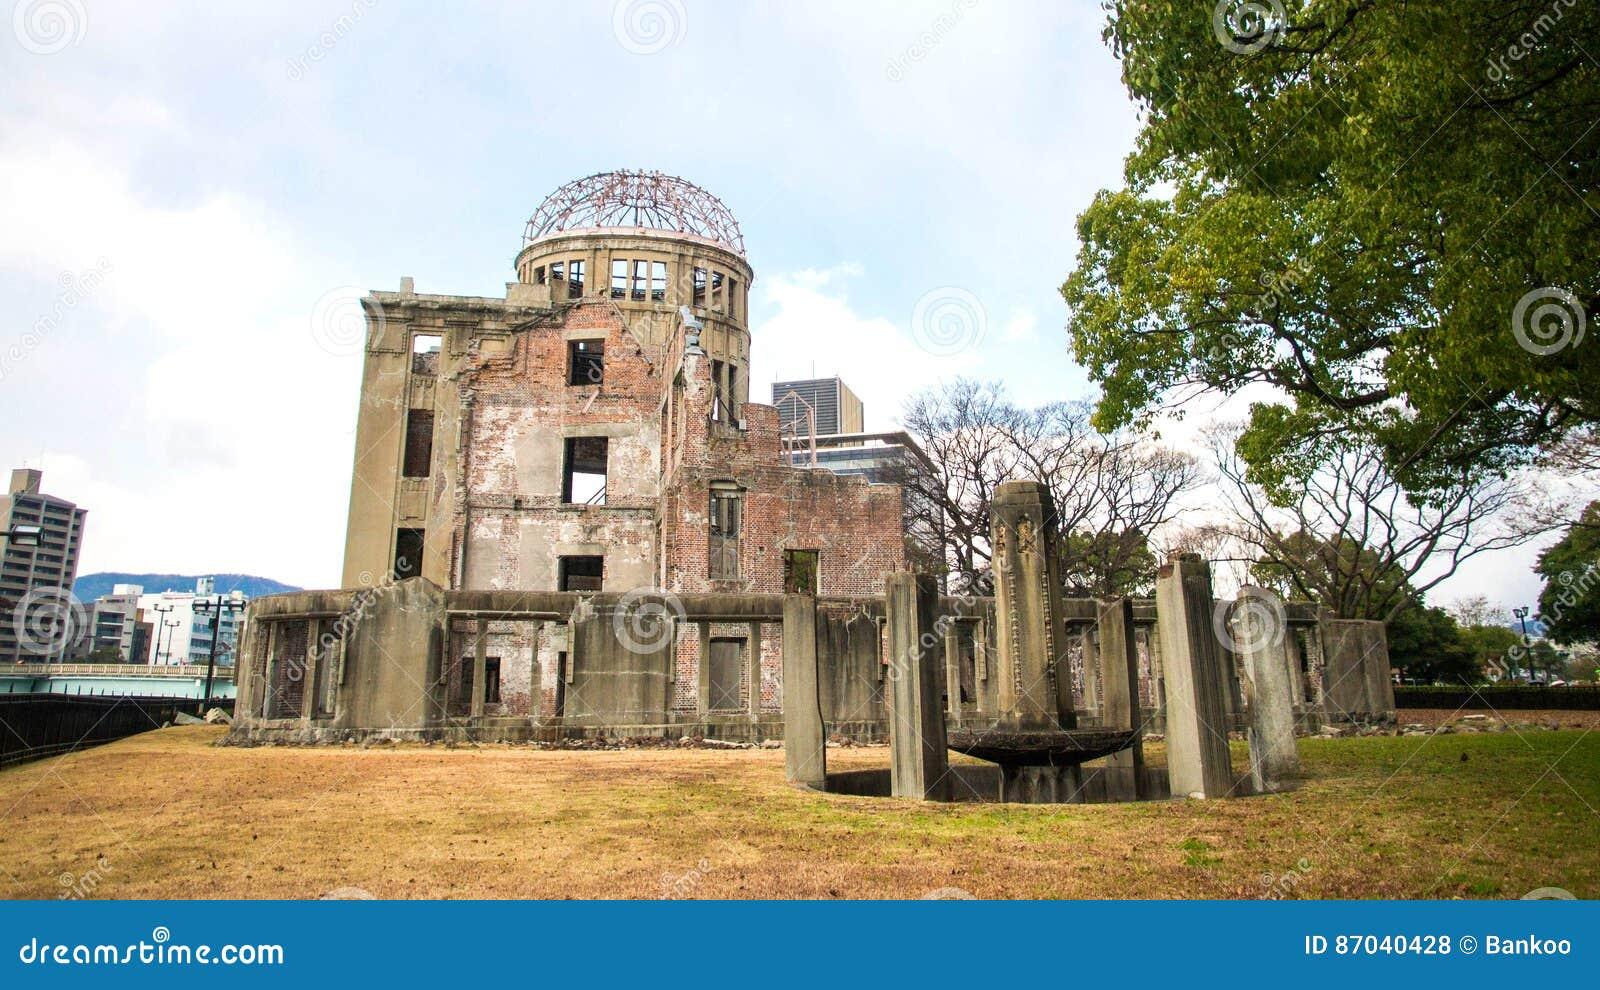 Bóveda de la bomba atómica en el parque conmemorativo de la paz, Hiroshima, Japón